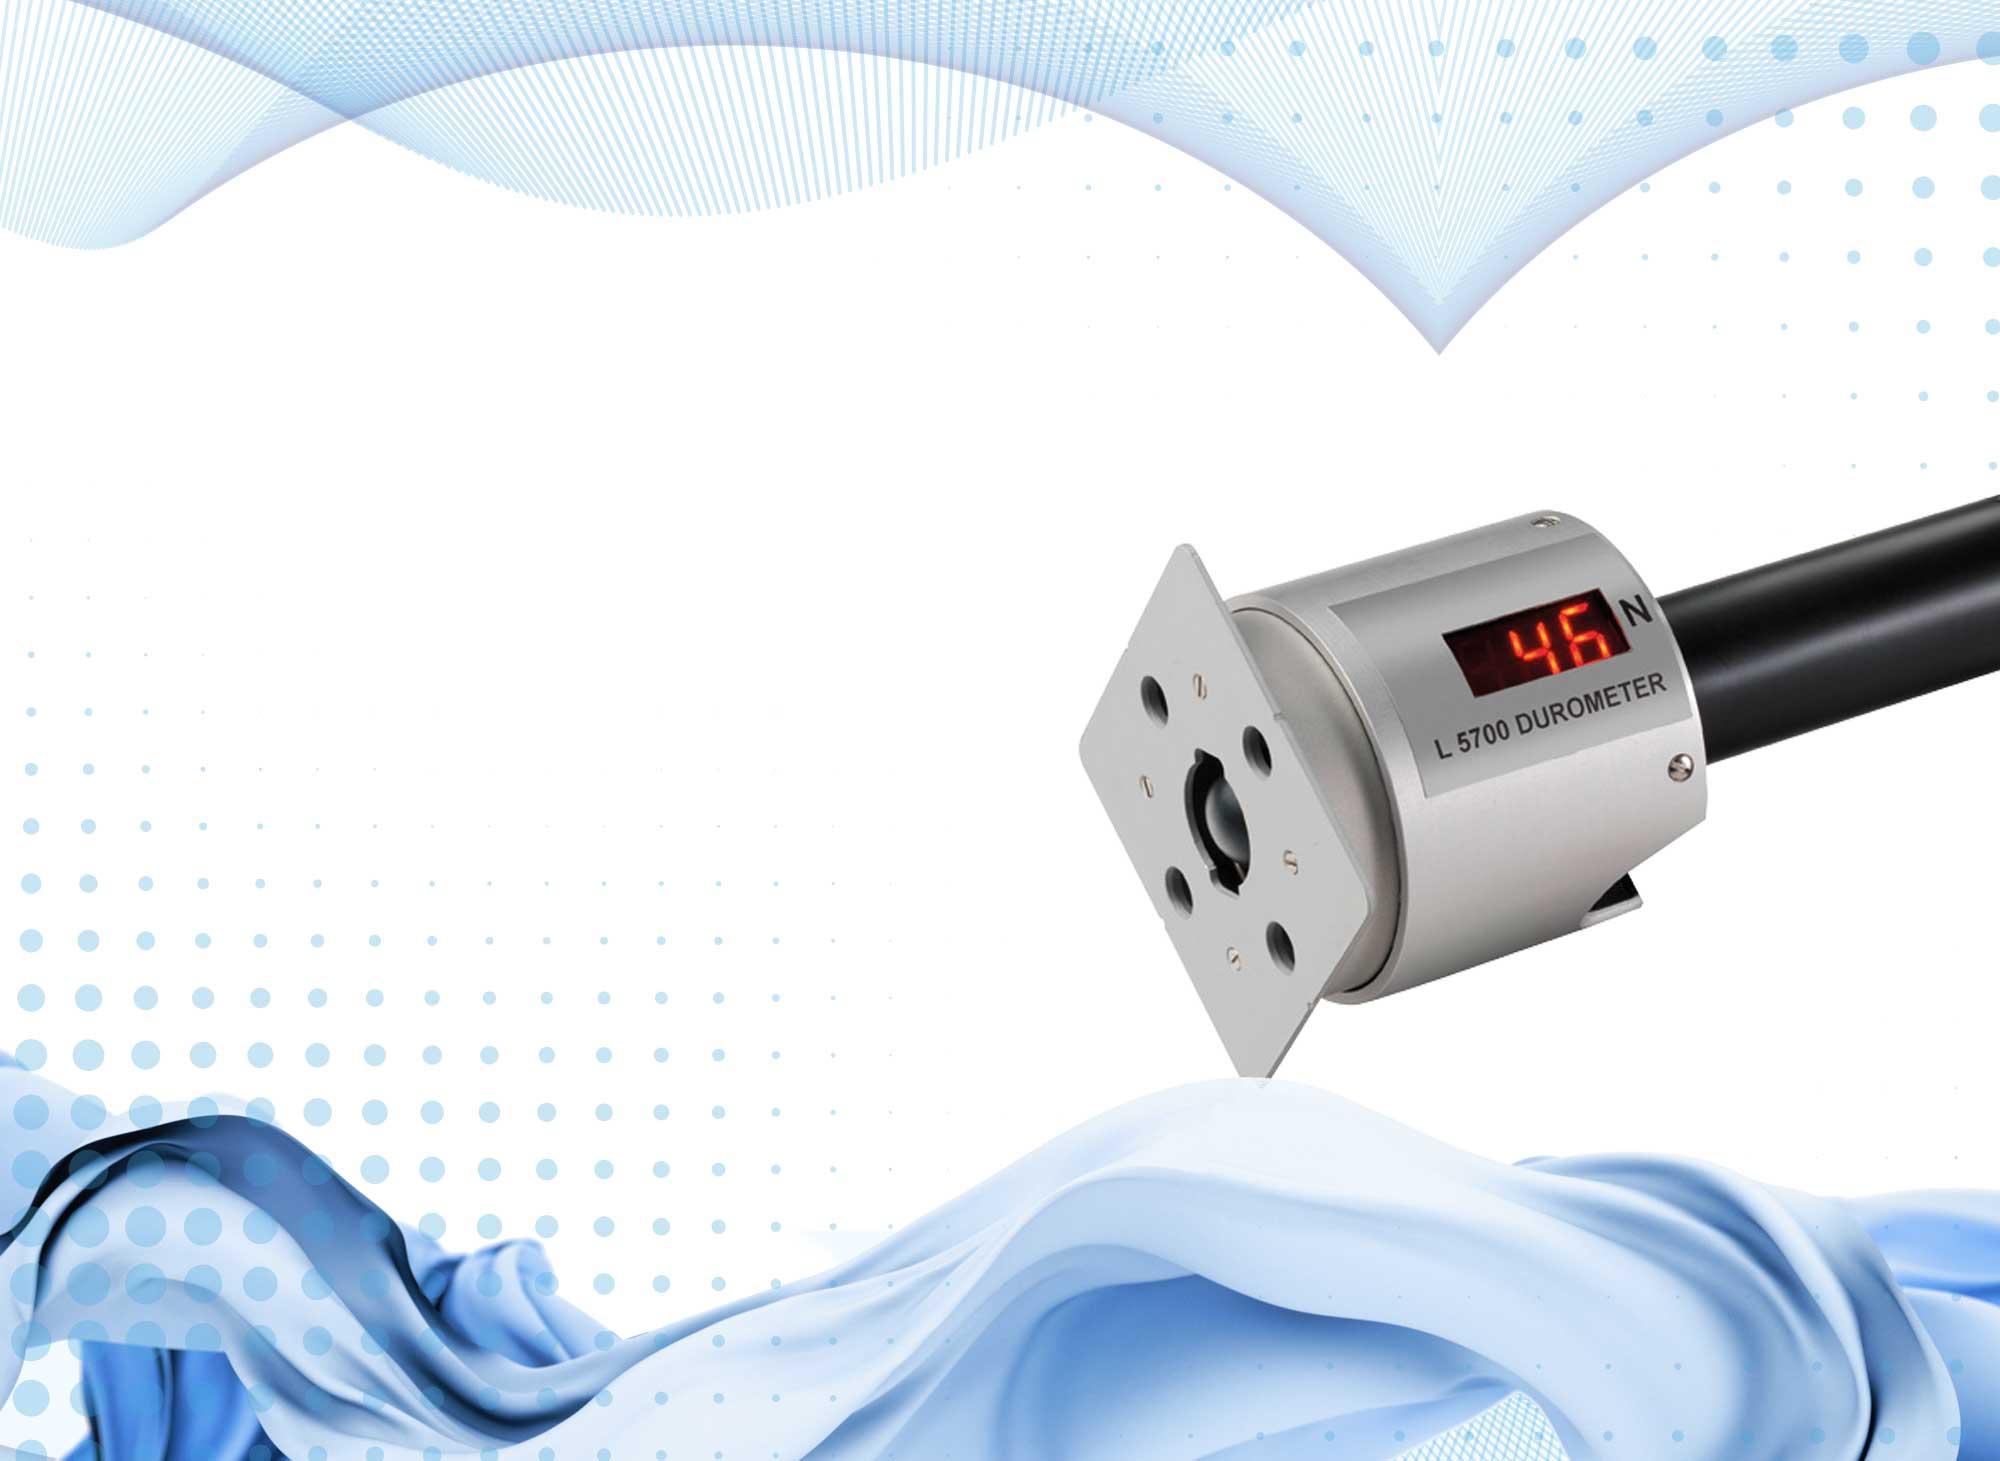 L 5700 DuroMeter